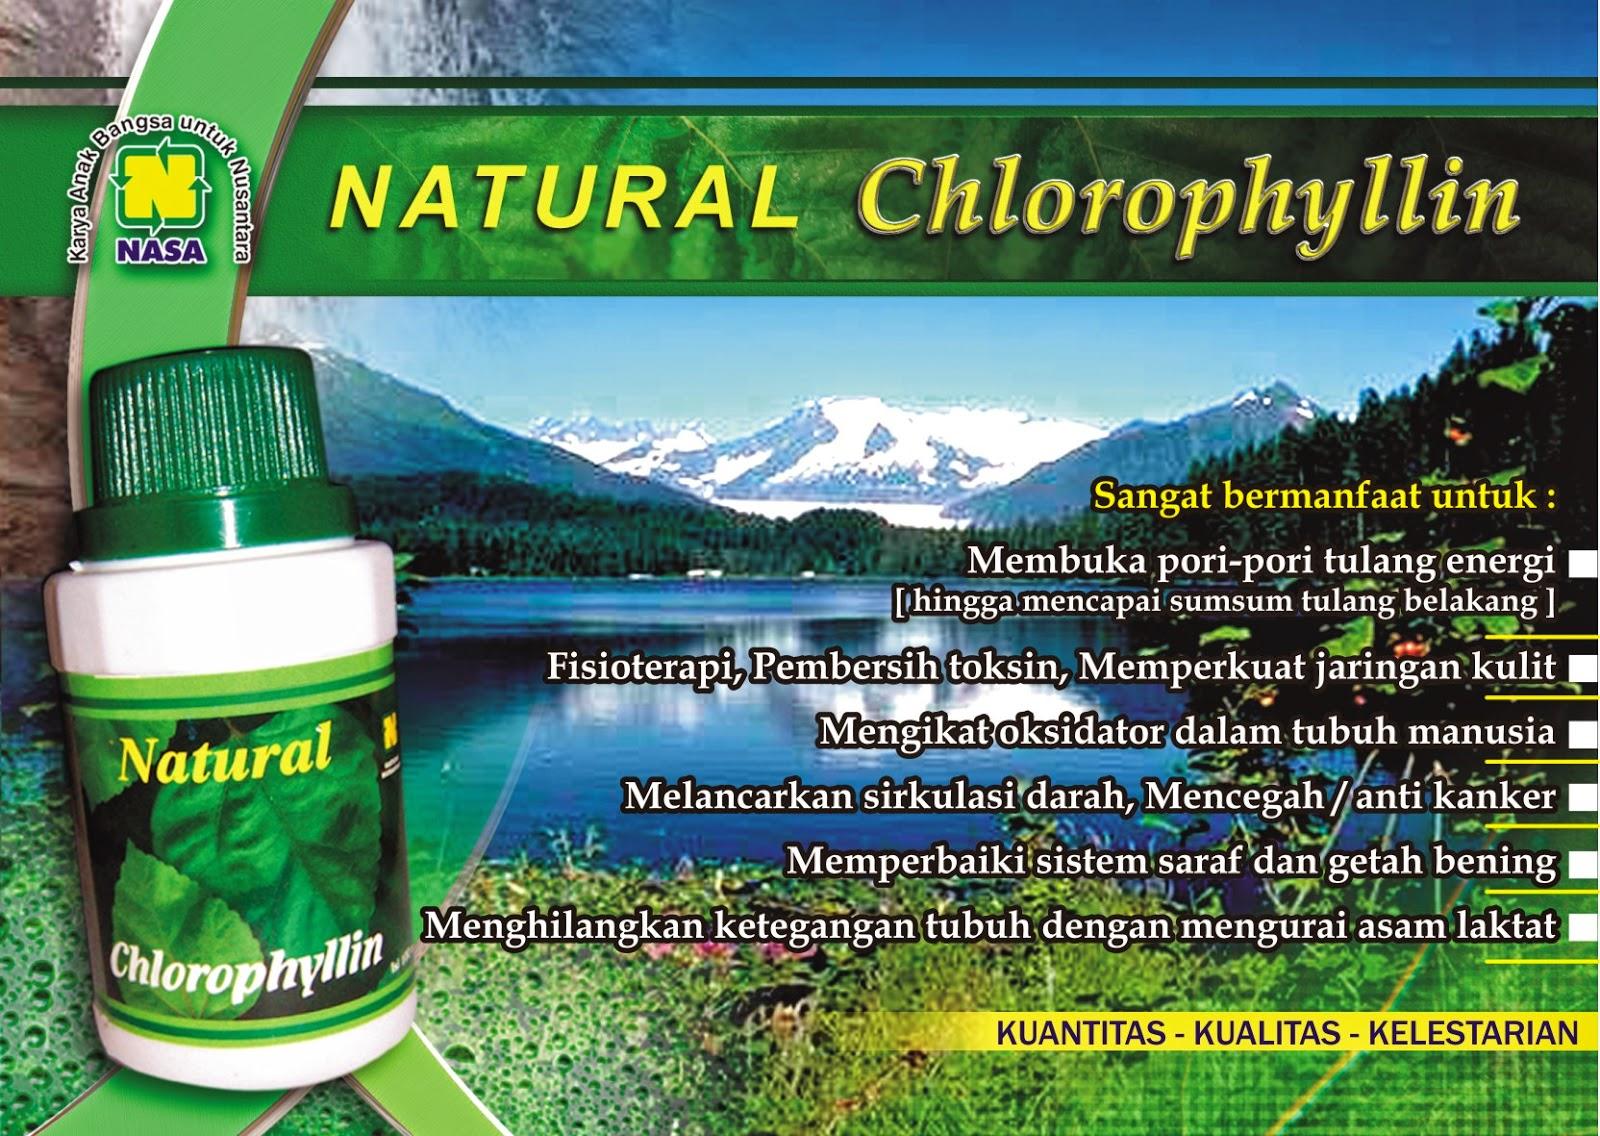 natural chlorophyllin, ncp nasa, natural chlorophyllin, herbal natural chlorophyllin, distributor natural chlorophyllin, toko kasimura, kasimura herbal, nasa jogjakarta, natural chlorophyllin jogja